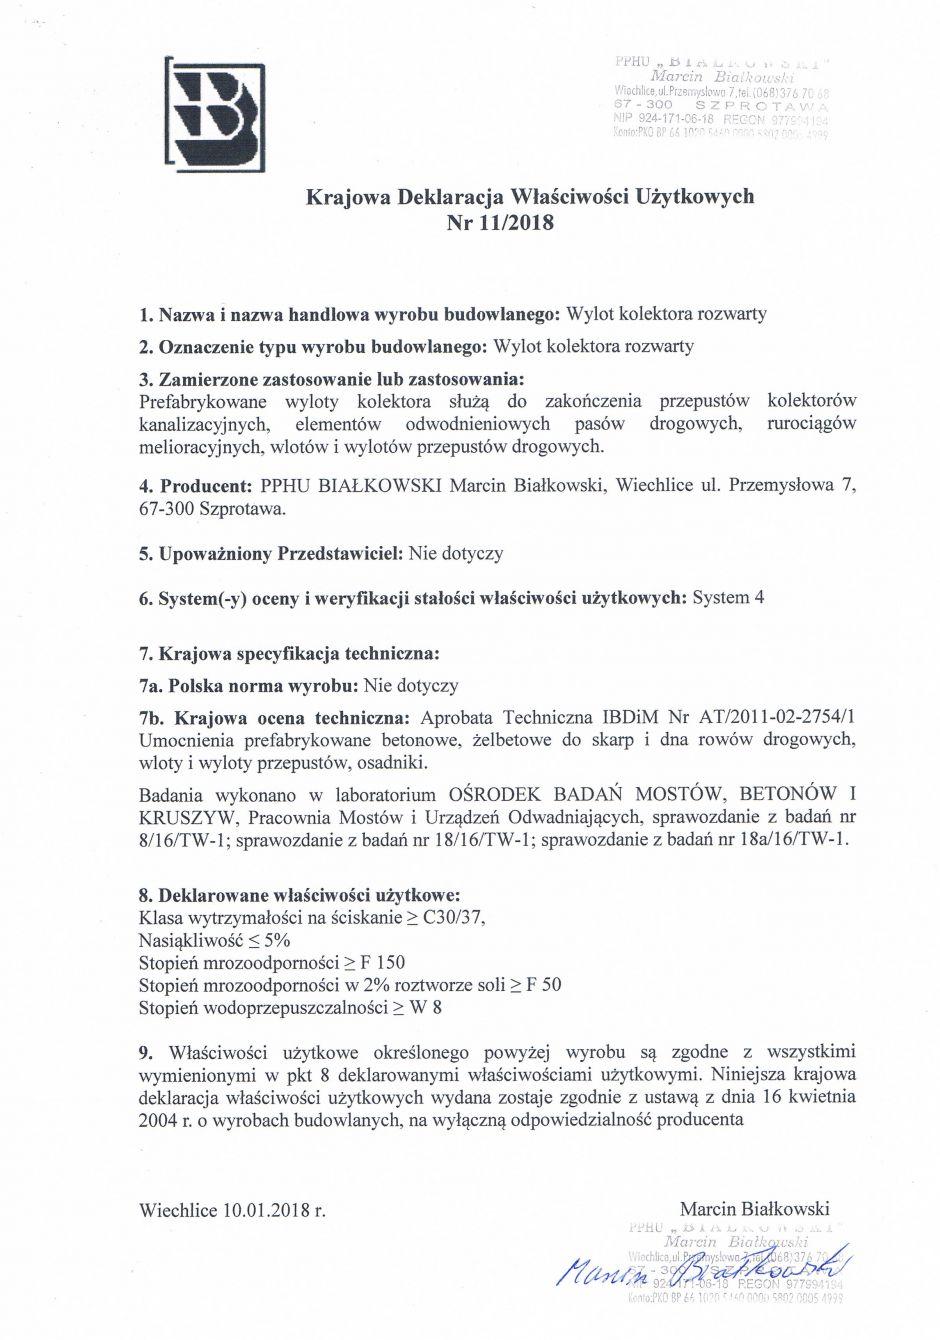 Krajowa Deklaracja Właściwości Użytkowych Nr 11/2018